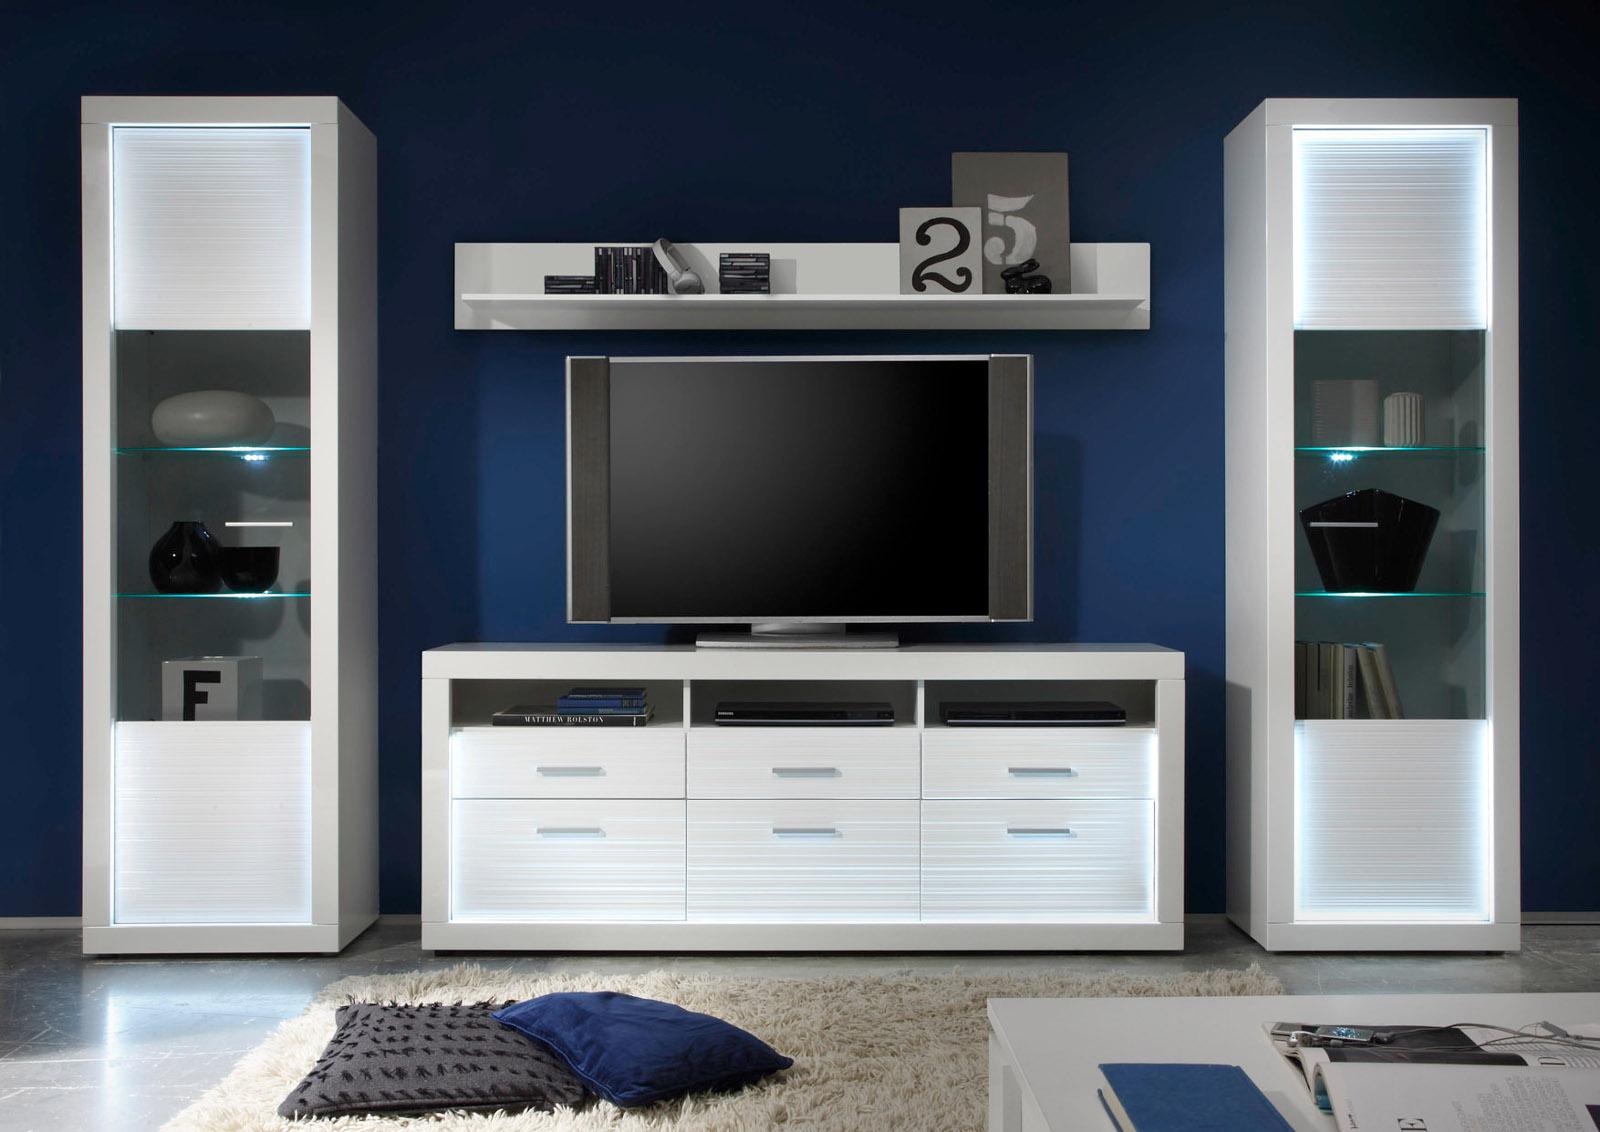 Wohnwand Starlight Weiß Hochglanz Mit Rillenoptik Inklusive LED Beleuchtung  Schrankwand 320 Cm